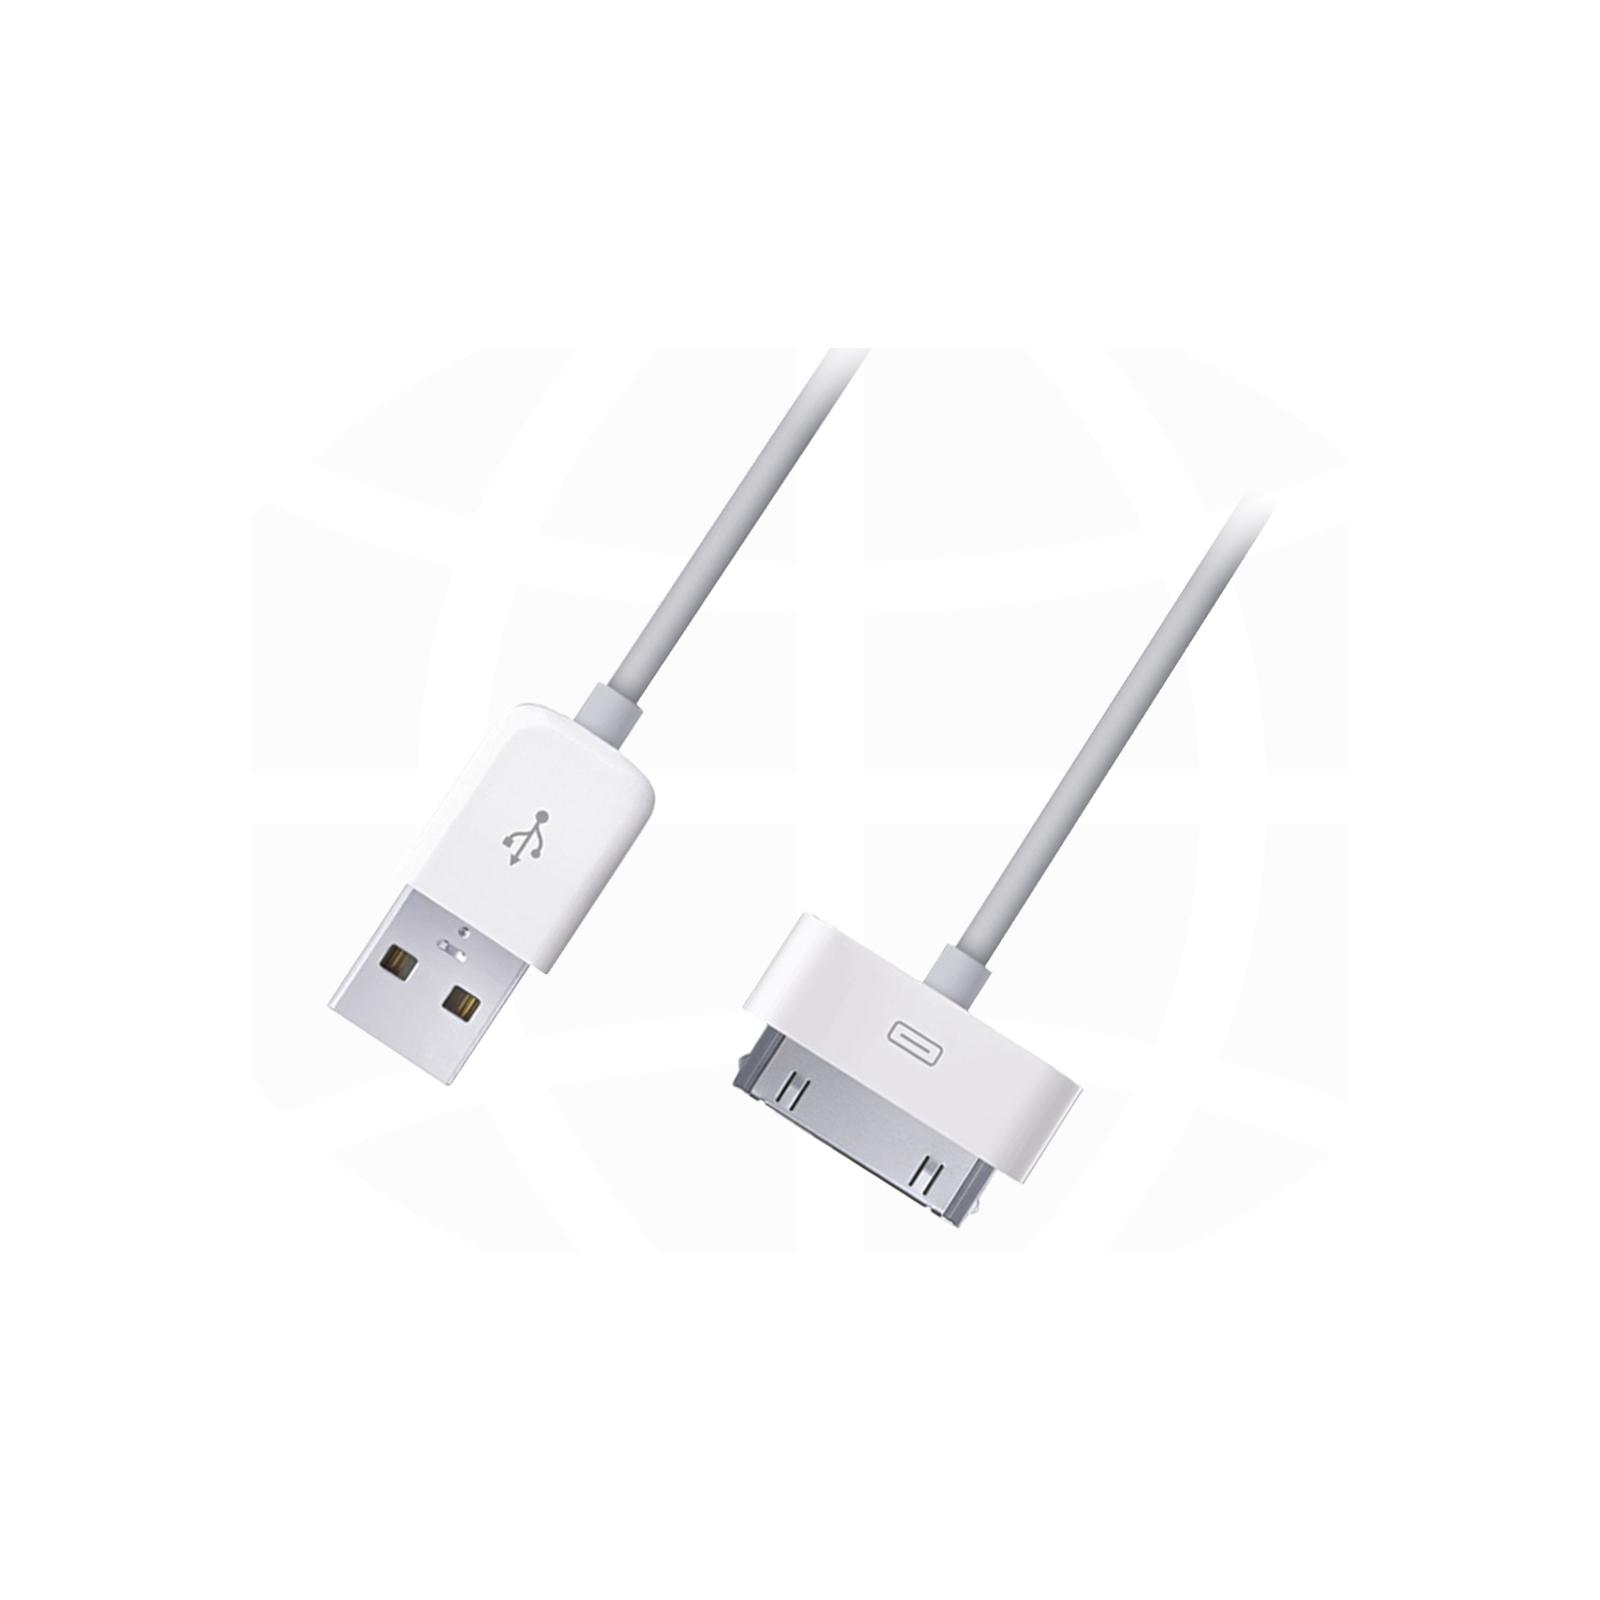 Дата кабель GLOBAL MSH-CA-001 для Apple iPhone 4 (1283126452130)